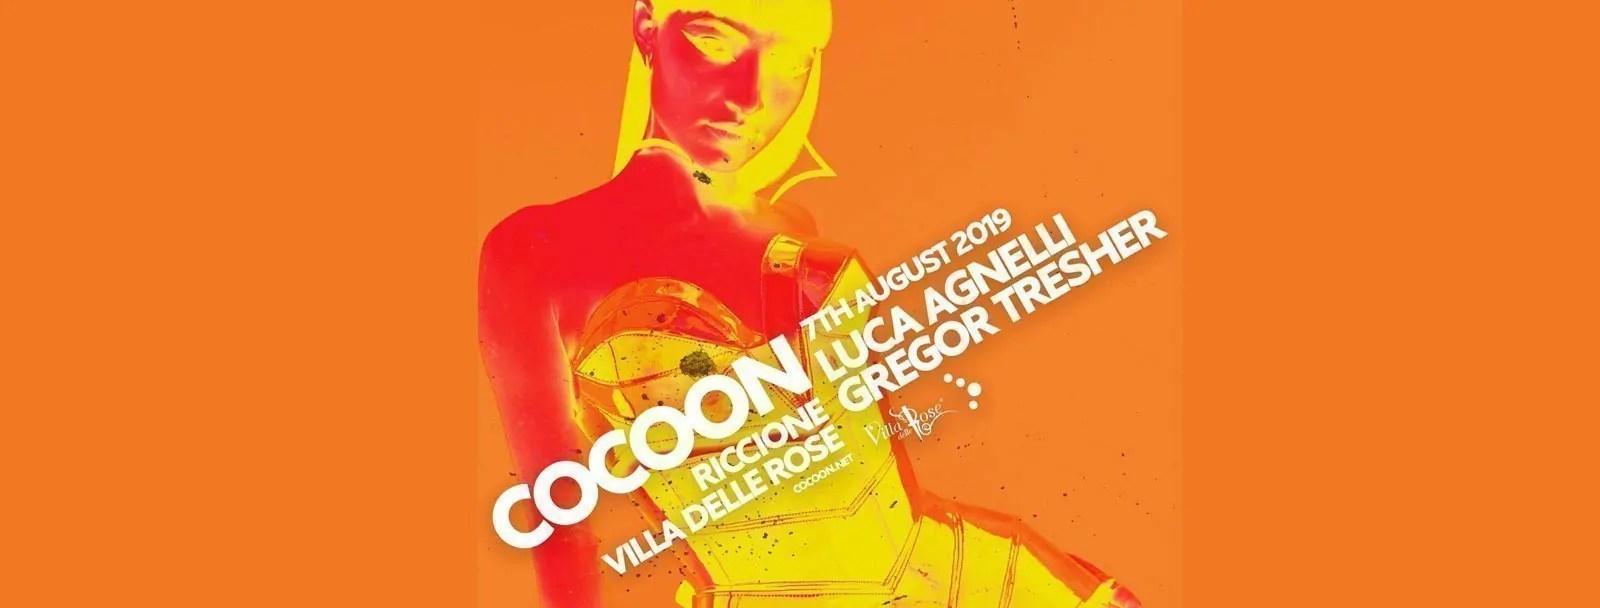 Luca Agnelli Villa Delle Rose Cocoon 07 08 2019 + Prezzi Ticket/Biglietti/Prevendite 18APP Tavoli Pacchetti Hotel